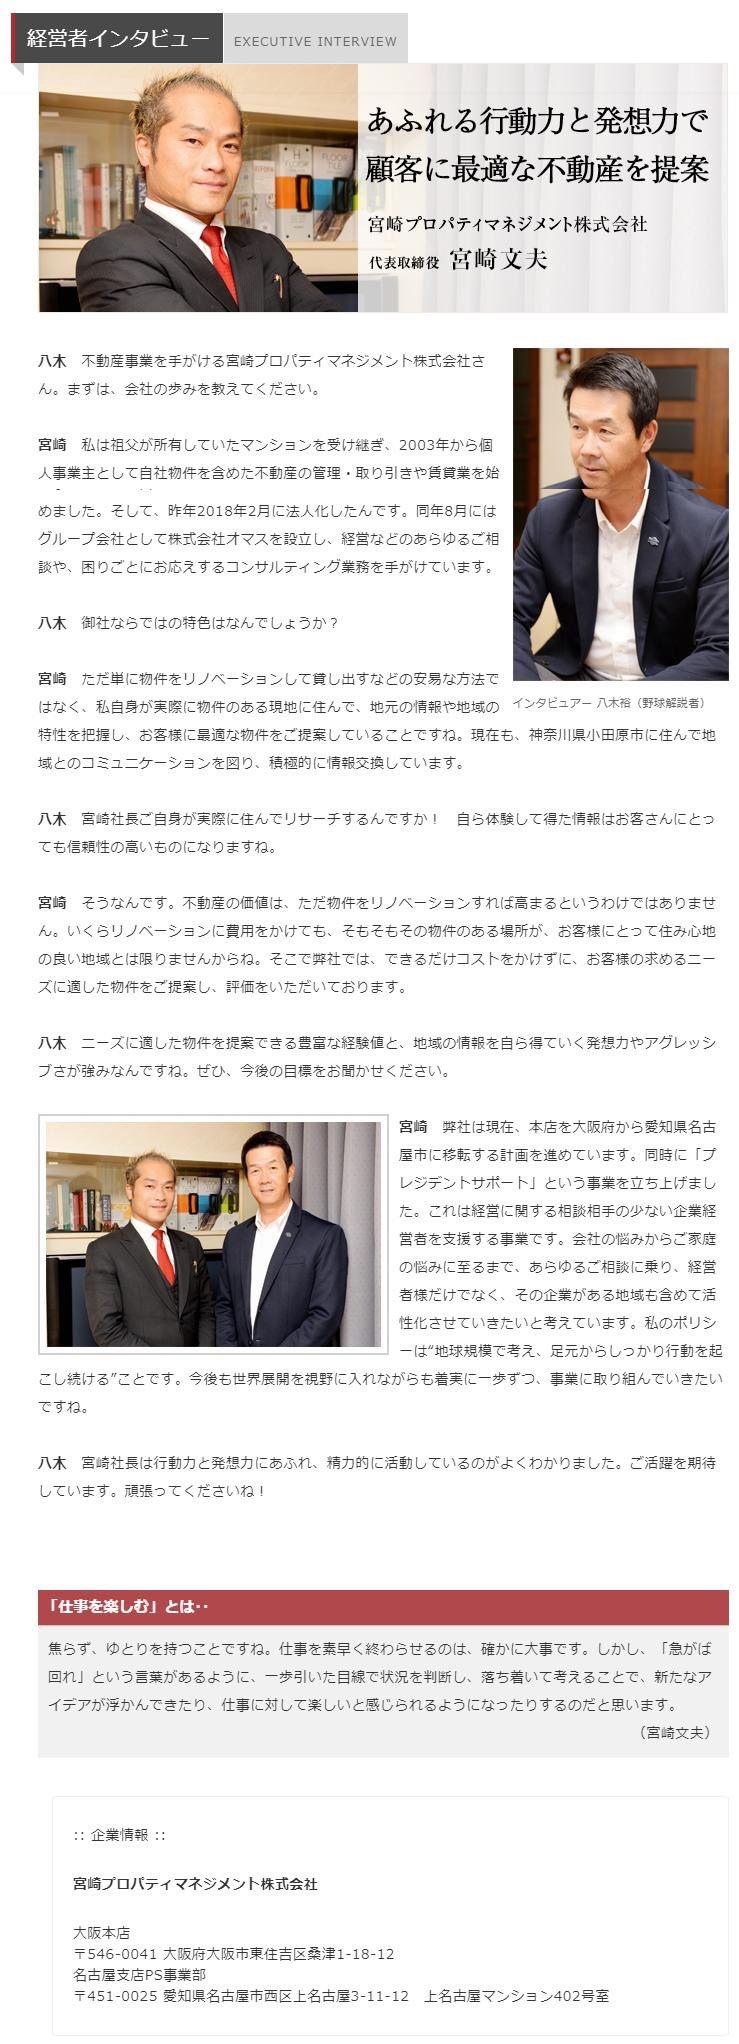 宮崎 プロパティ マネジメント 株式 会社 宮崎 プロパティ マネジメント 株式